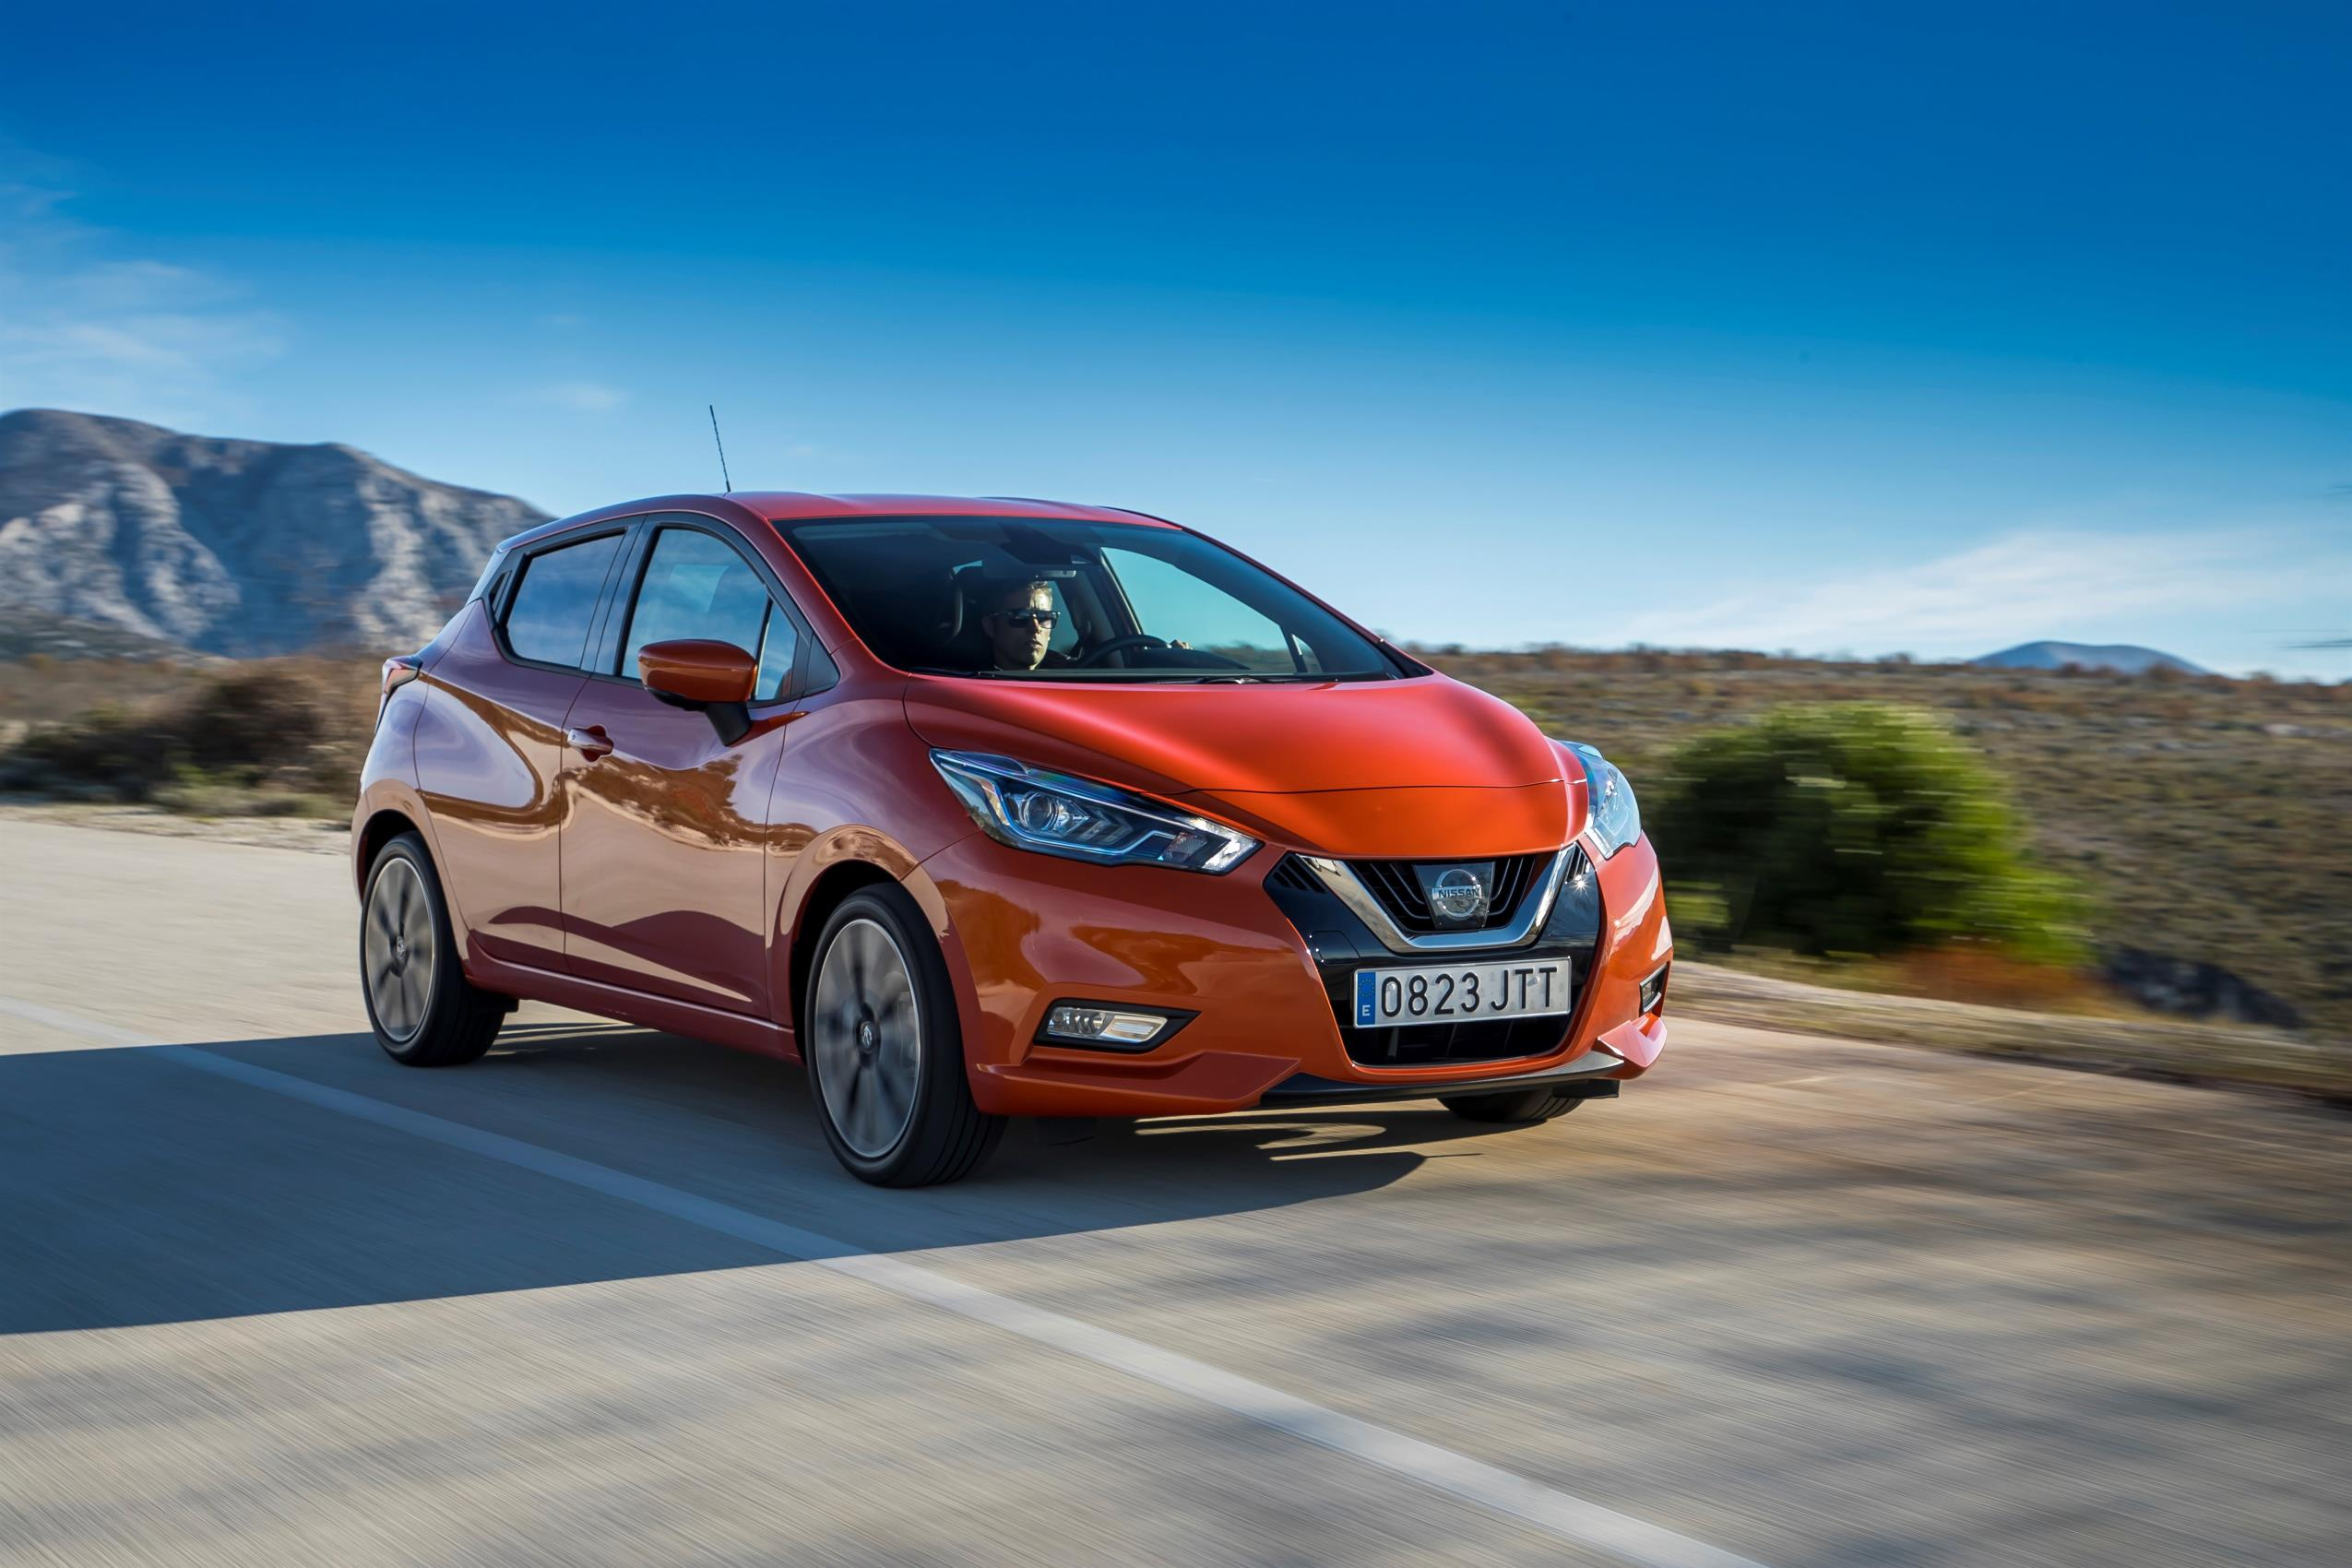 El Nissan Micra debuta en el Automobile de Barcelona